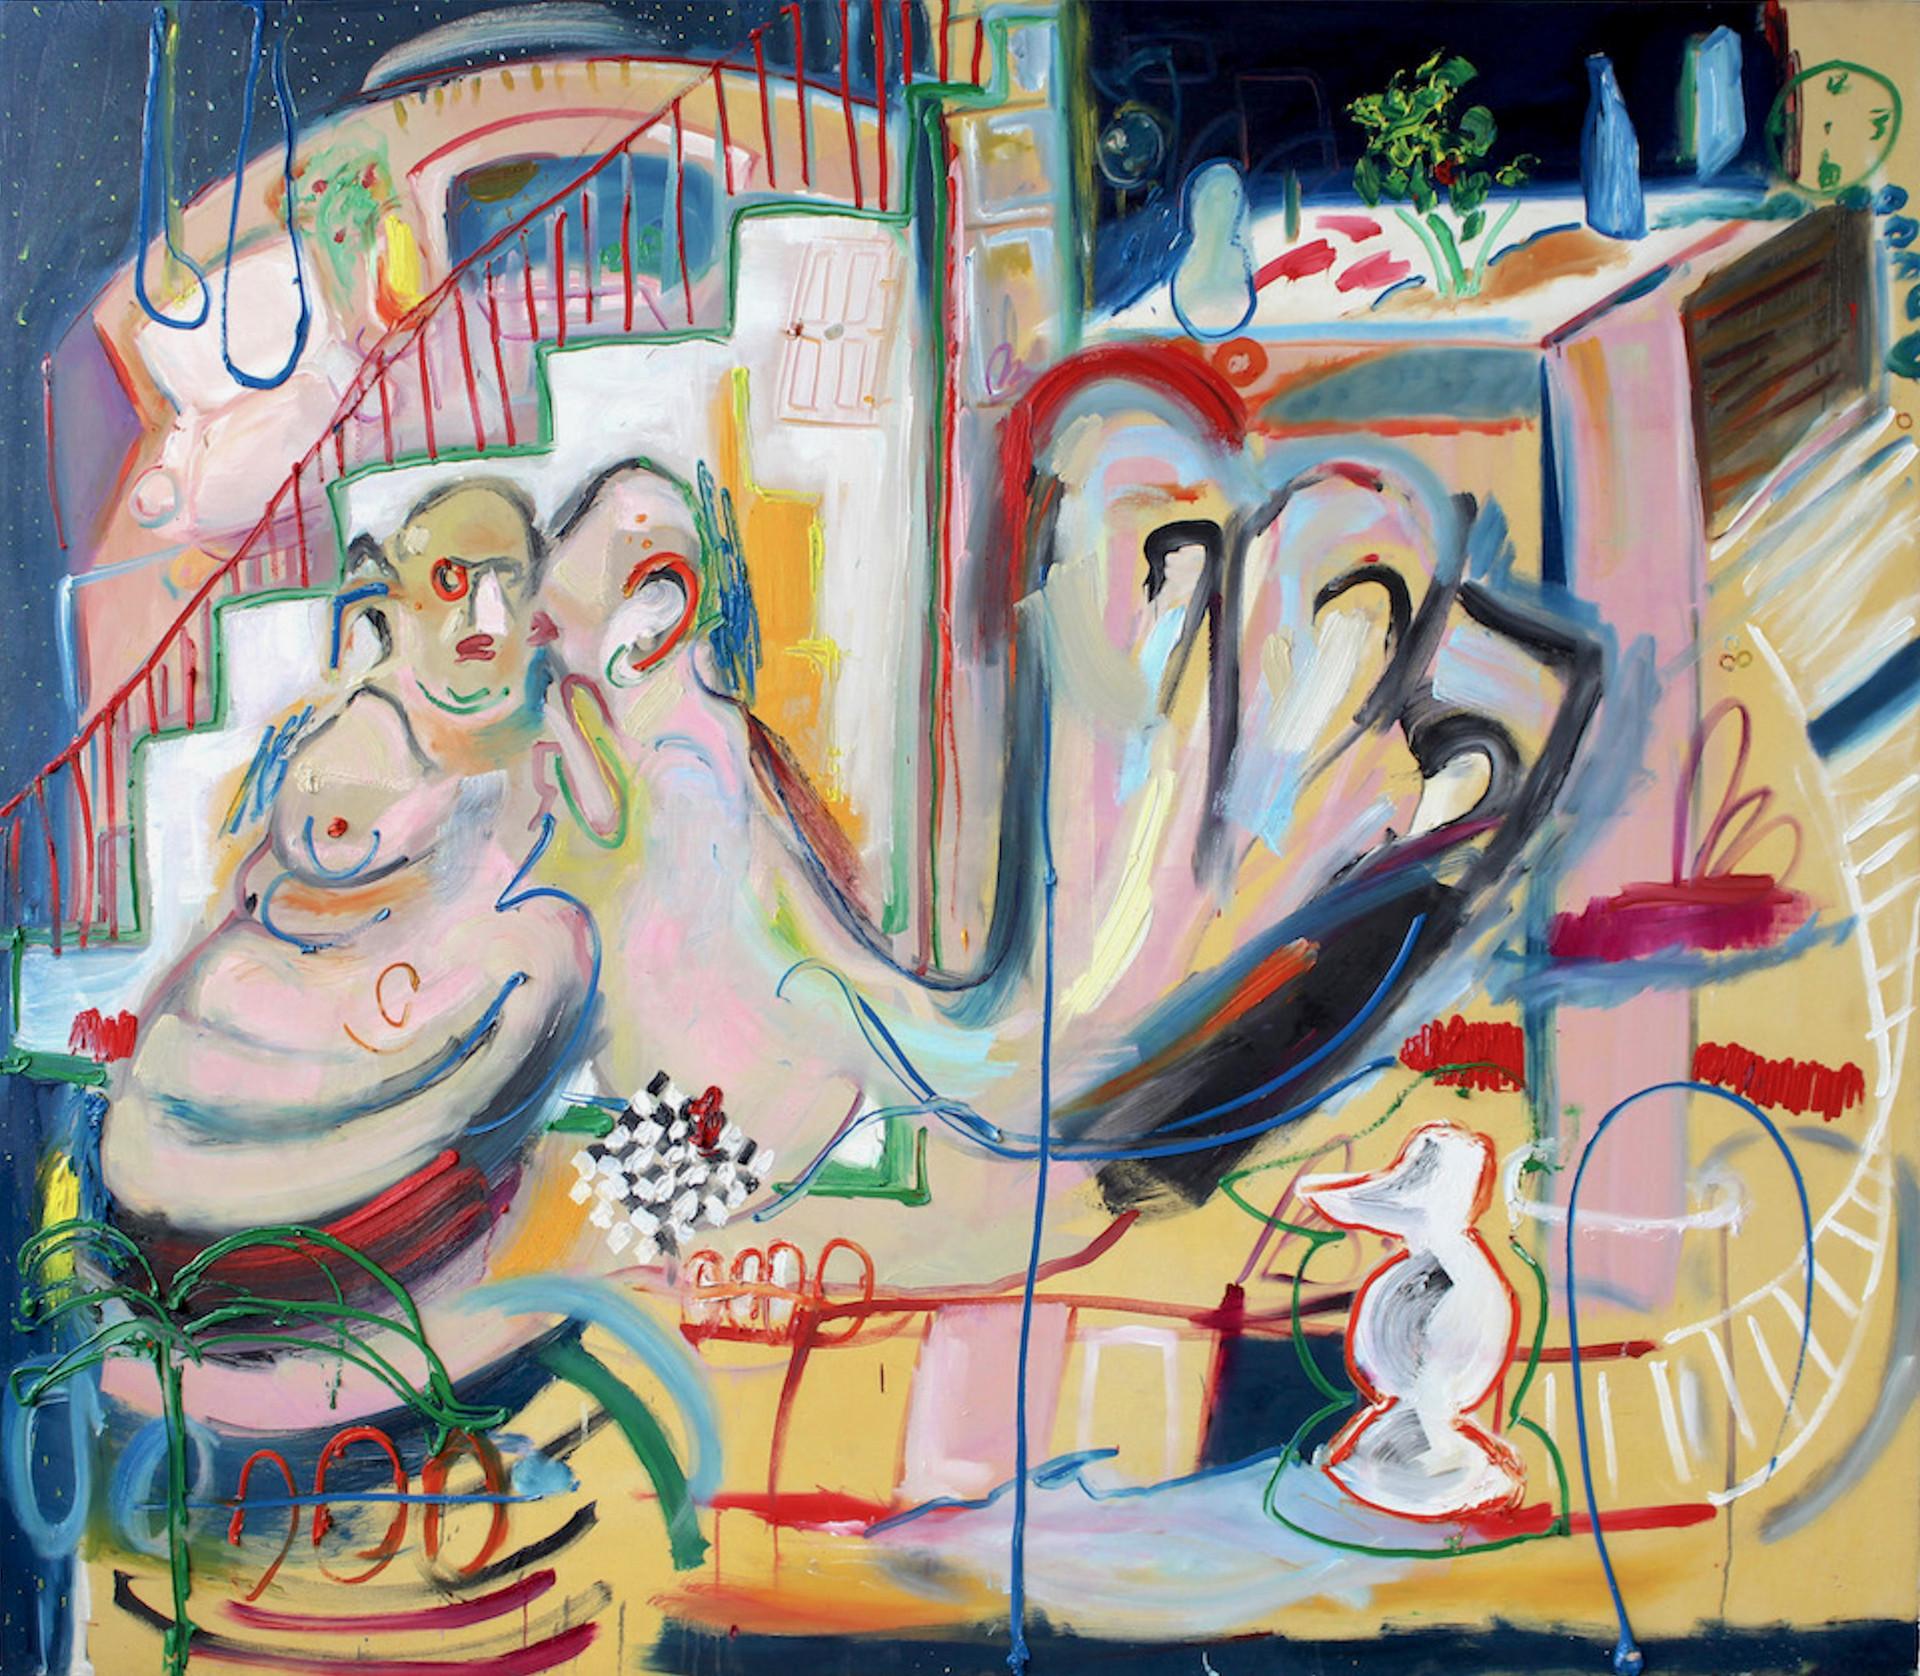 Takeaway?, 2018, oil on canvas, 238 x 209 cm